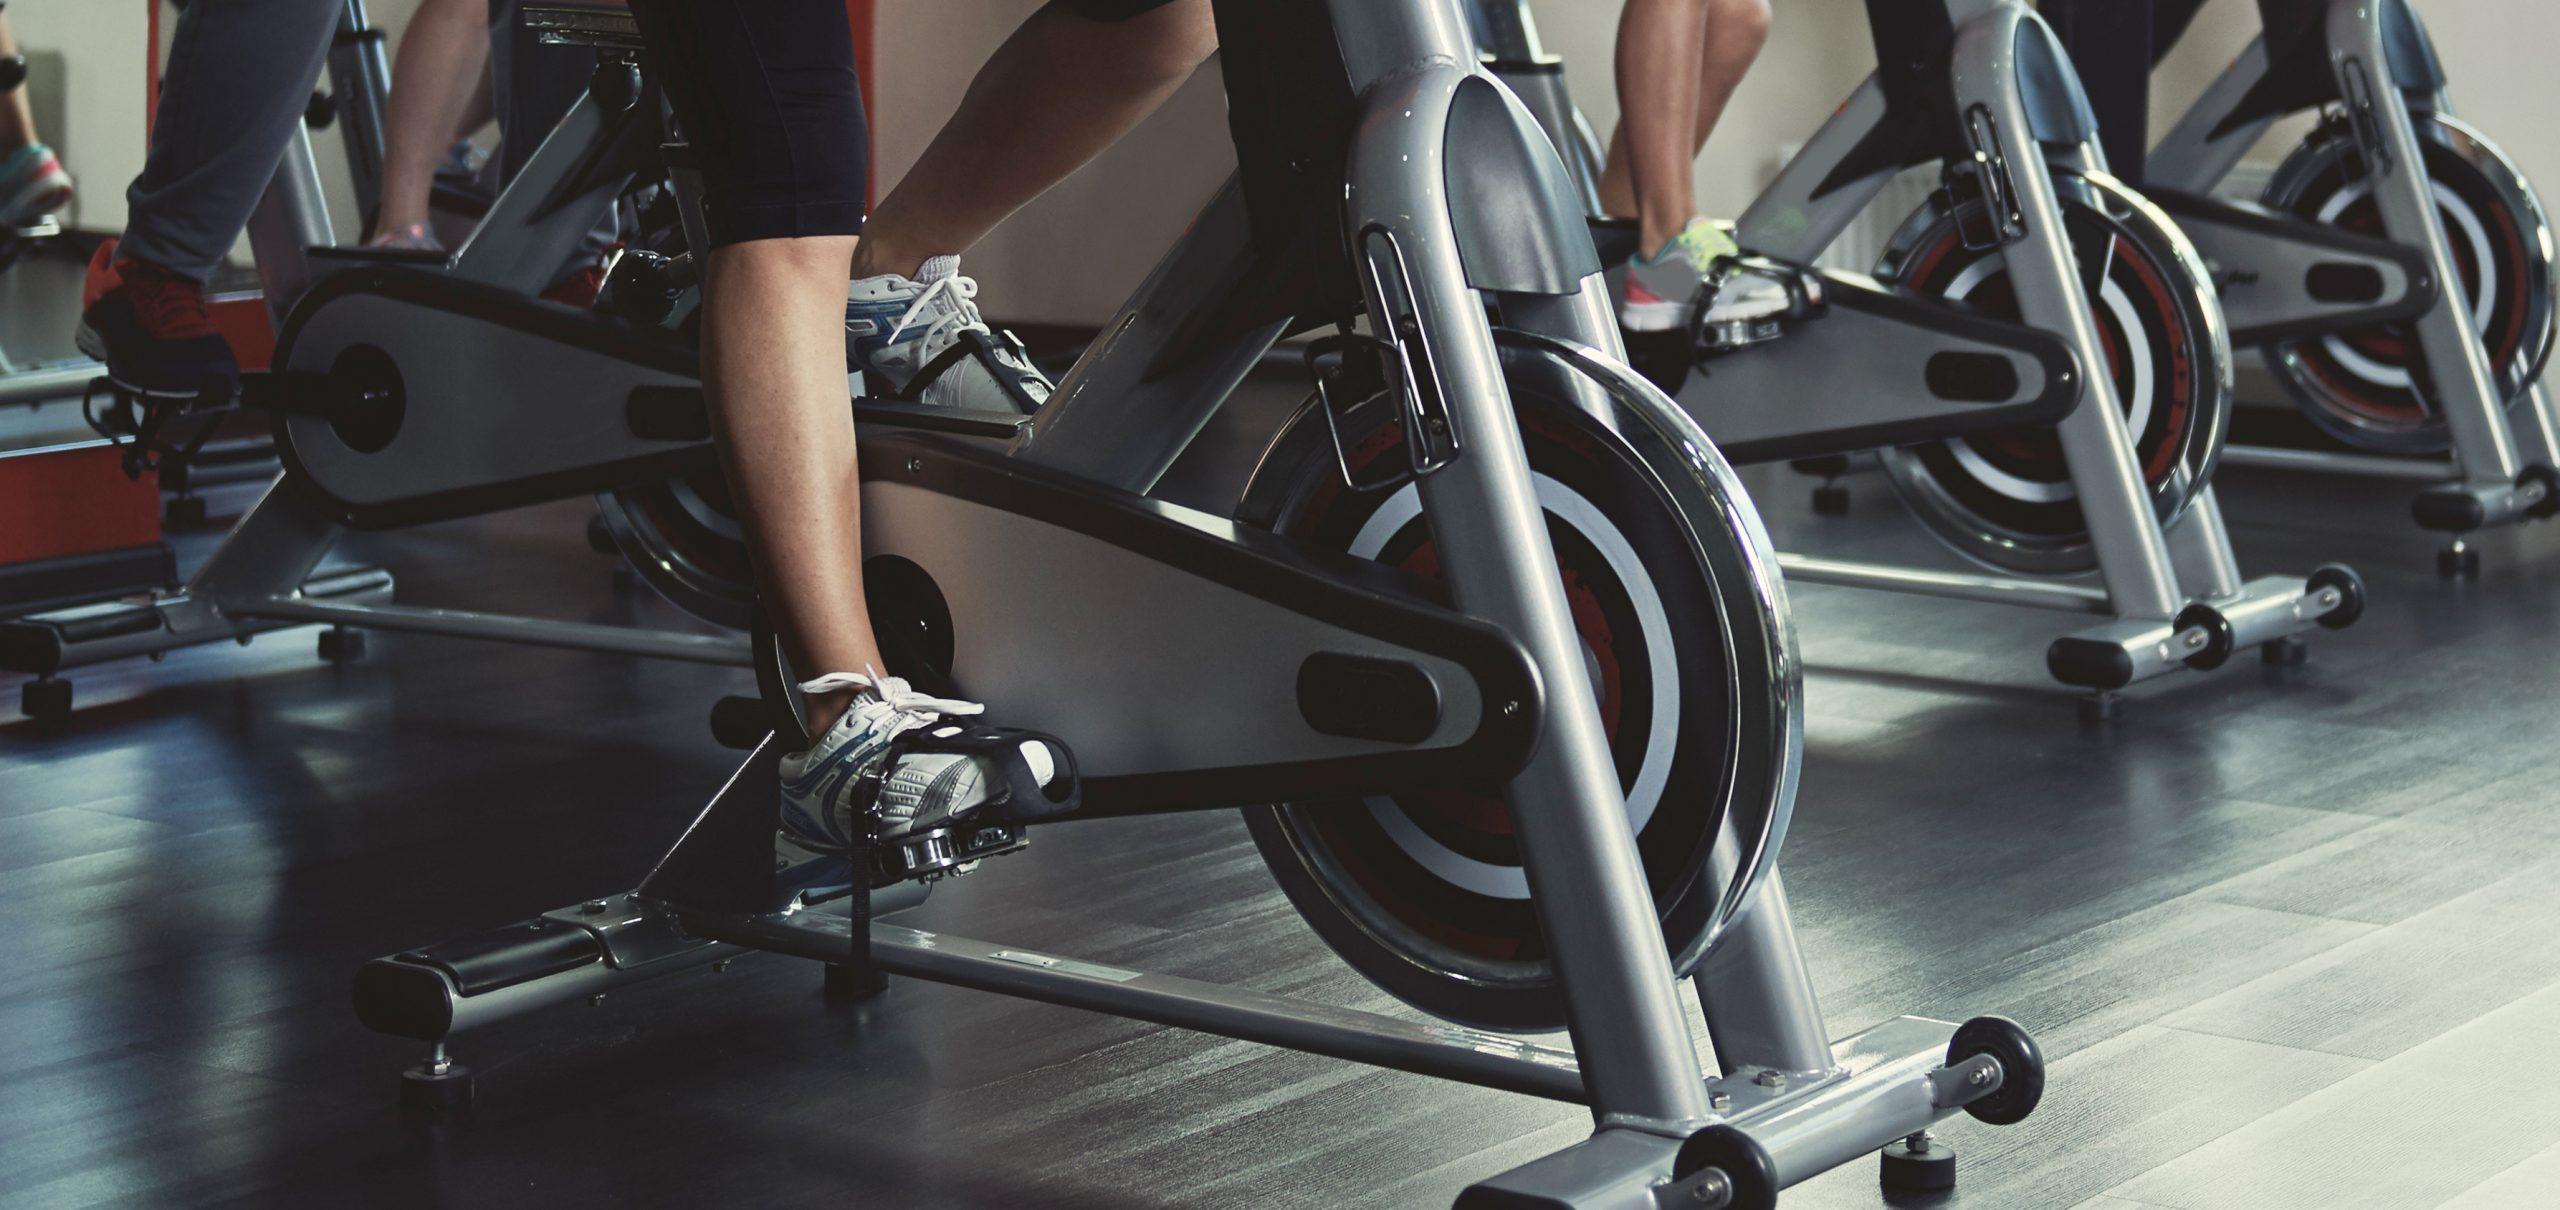 Bicicletas de spinning: ¿Cuál es la mejor del 2021?